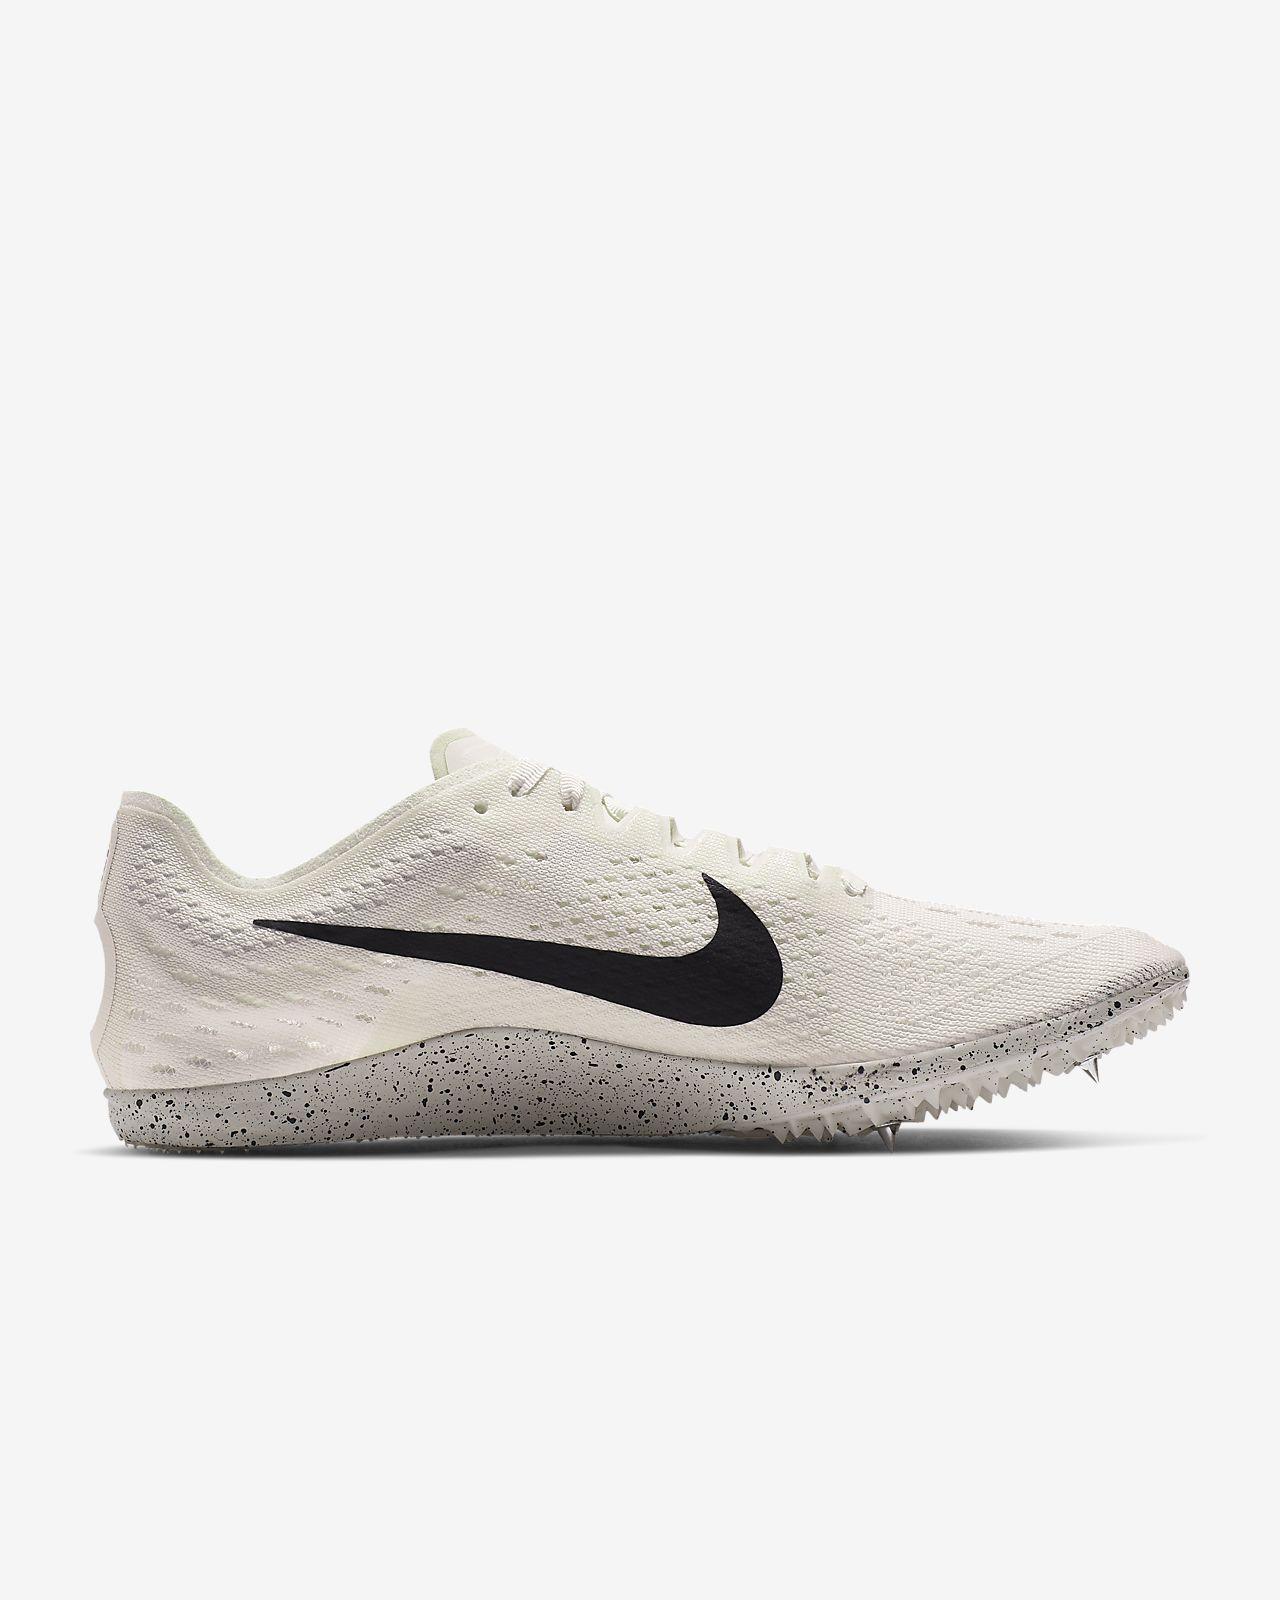 Nike Zoom Matumbo 3 uniszex szöges hosszútávfutó cipő. Nike HU